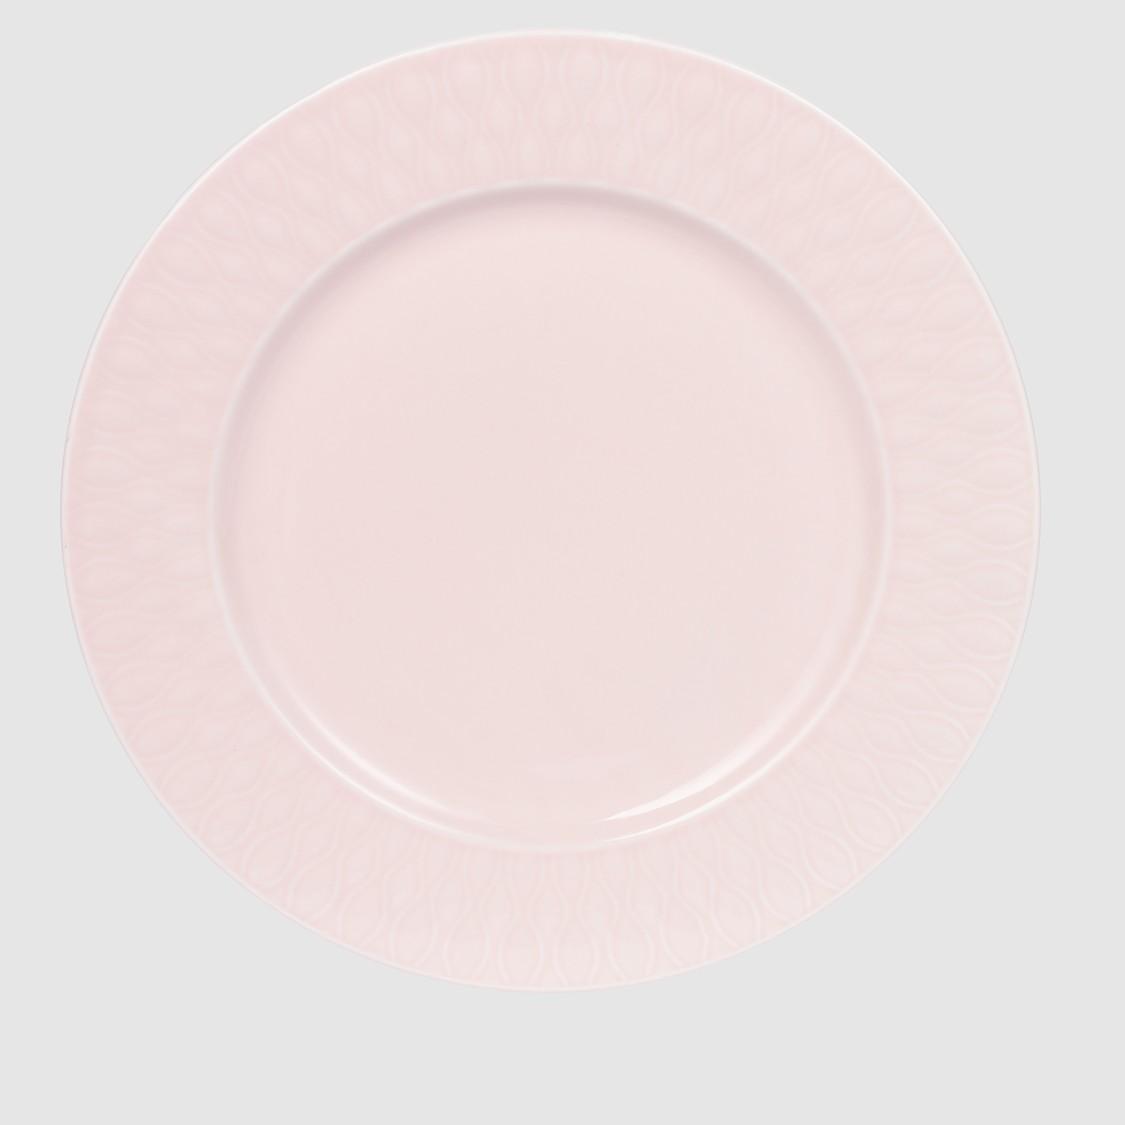 صحن عشاء مستدير بحوّاف بارزة الملمس